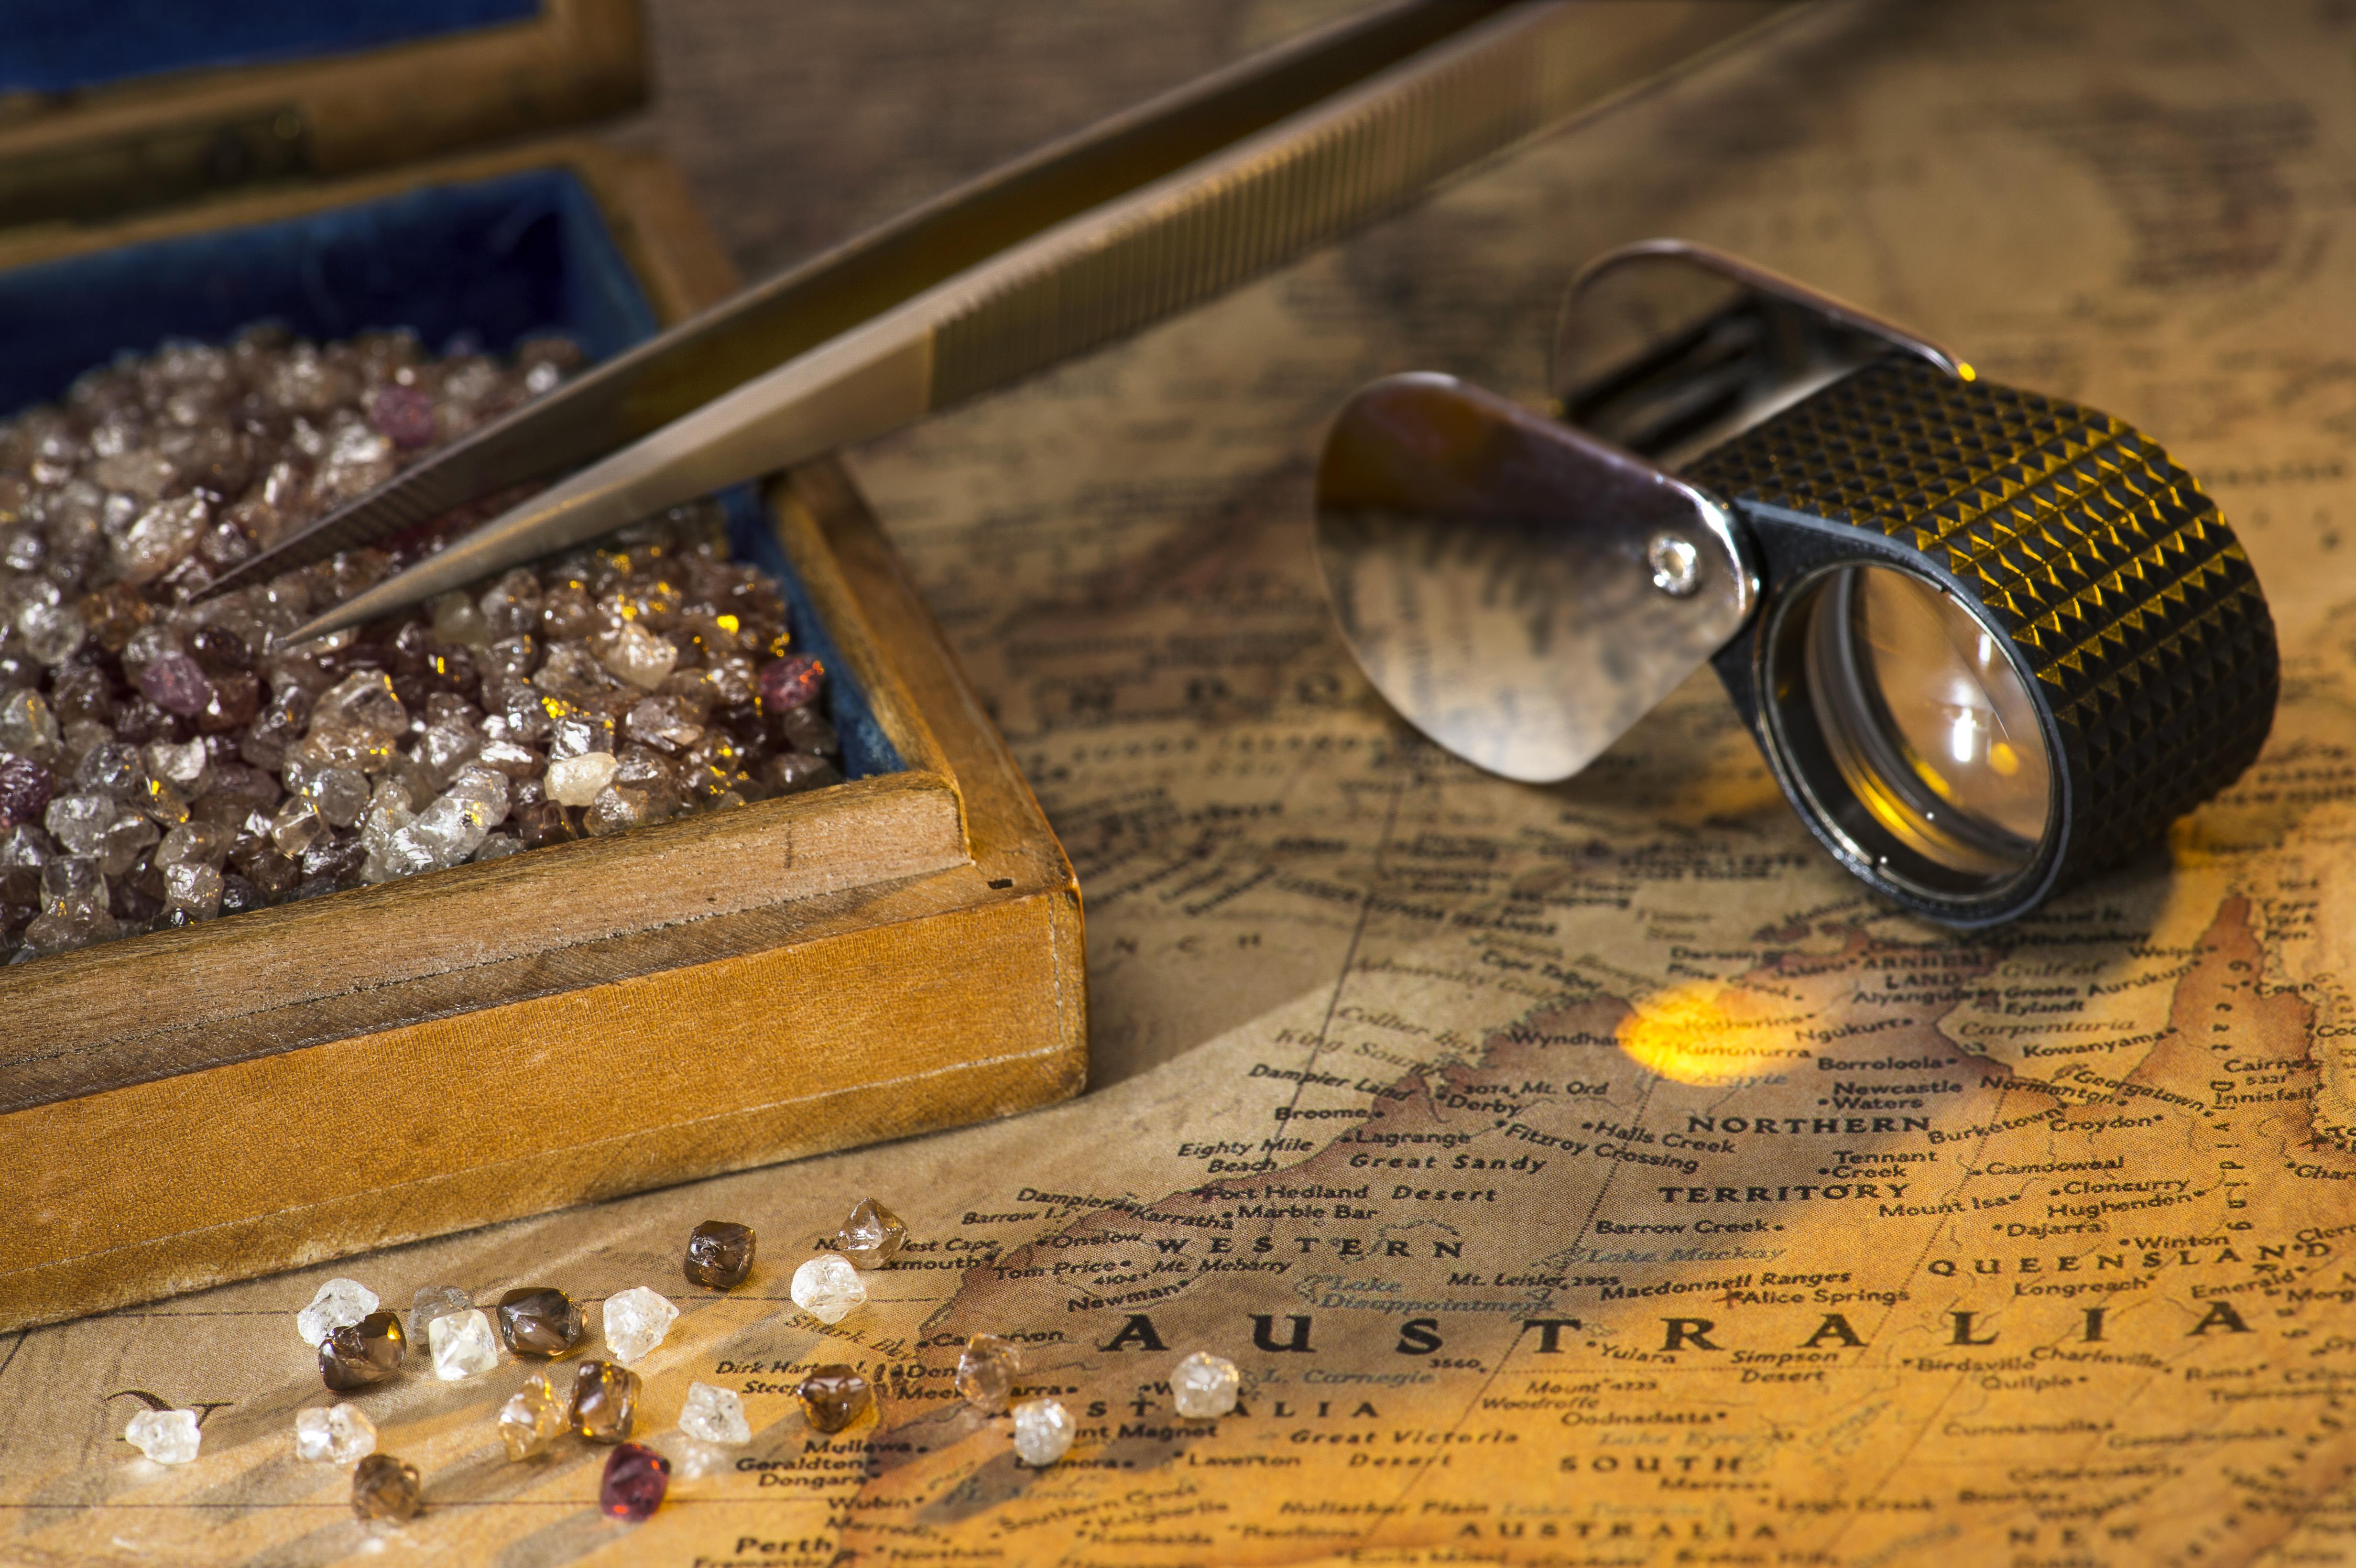 Smithsonian Receives Diamond Donation from Rio Tinto